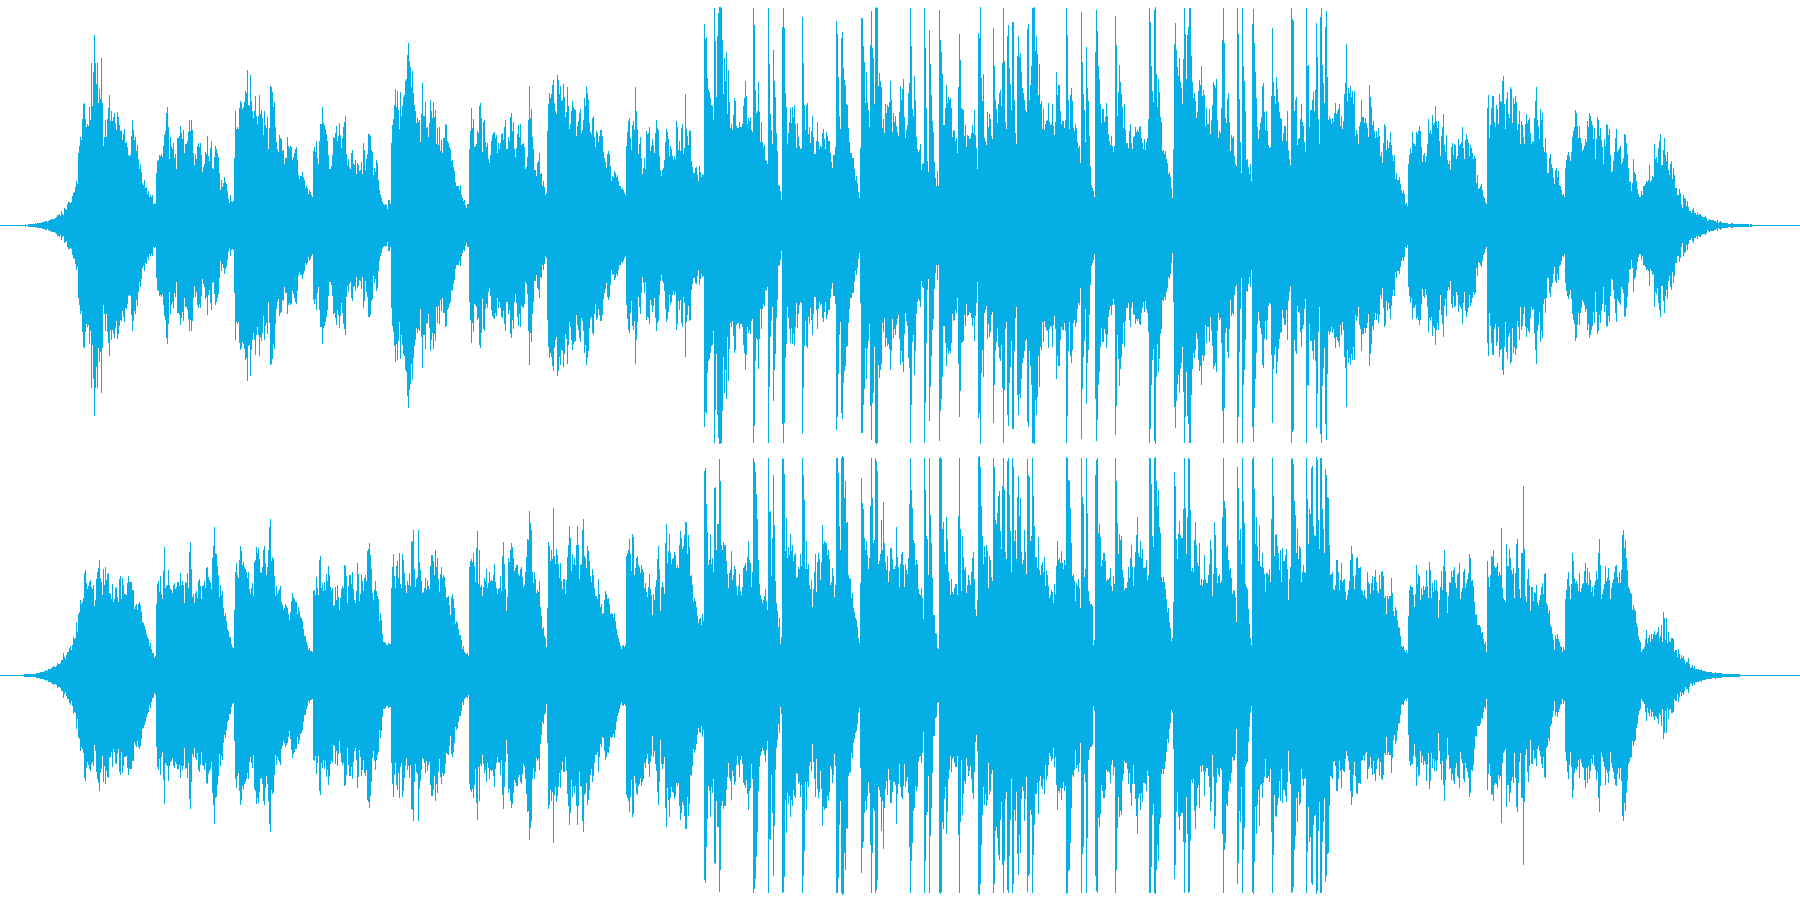 近未来の遺跡をイメージしたBGMの再生済みの波形